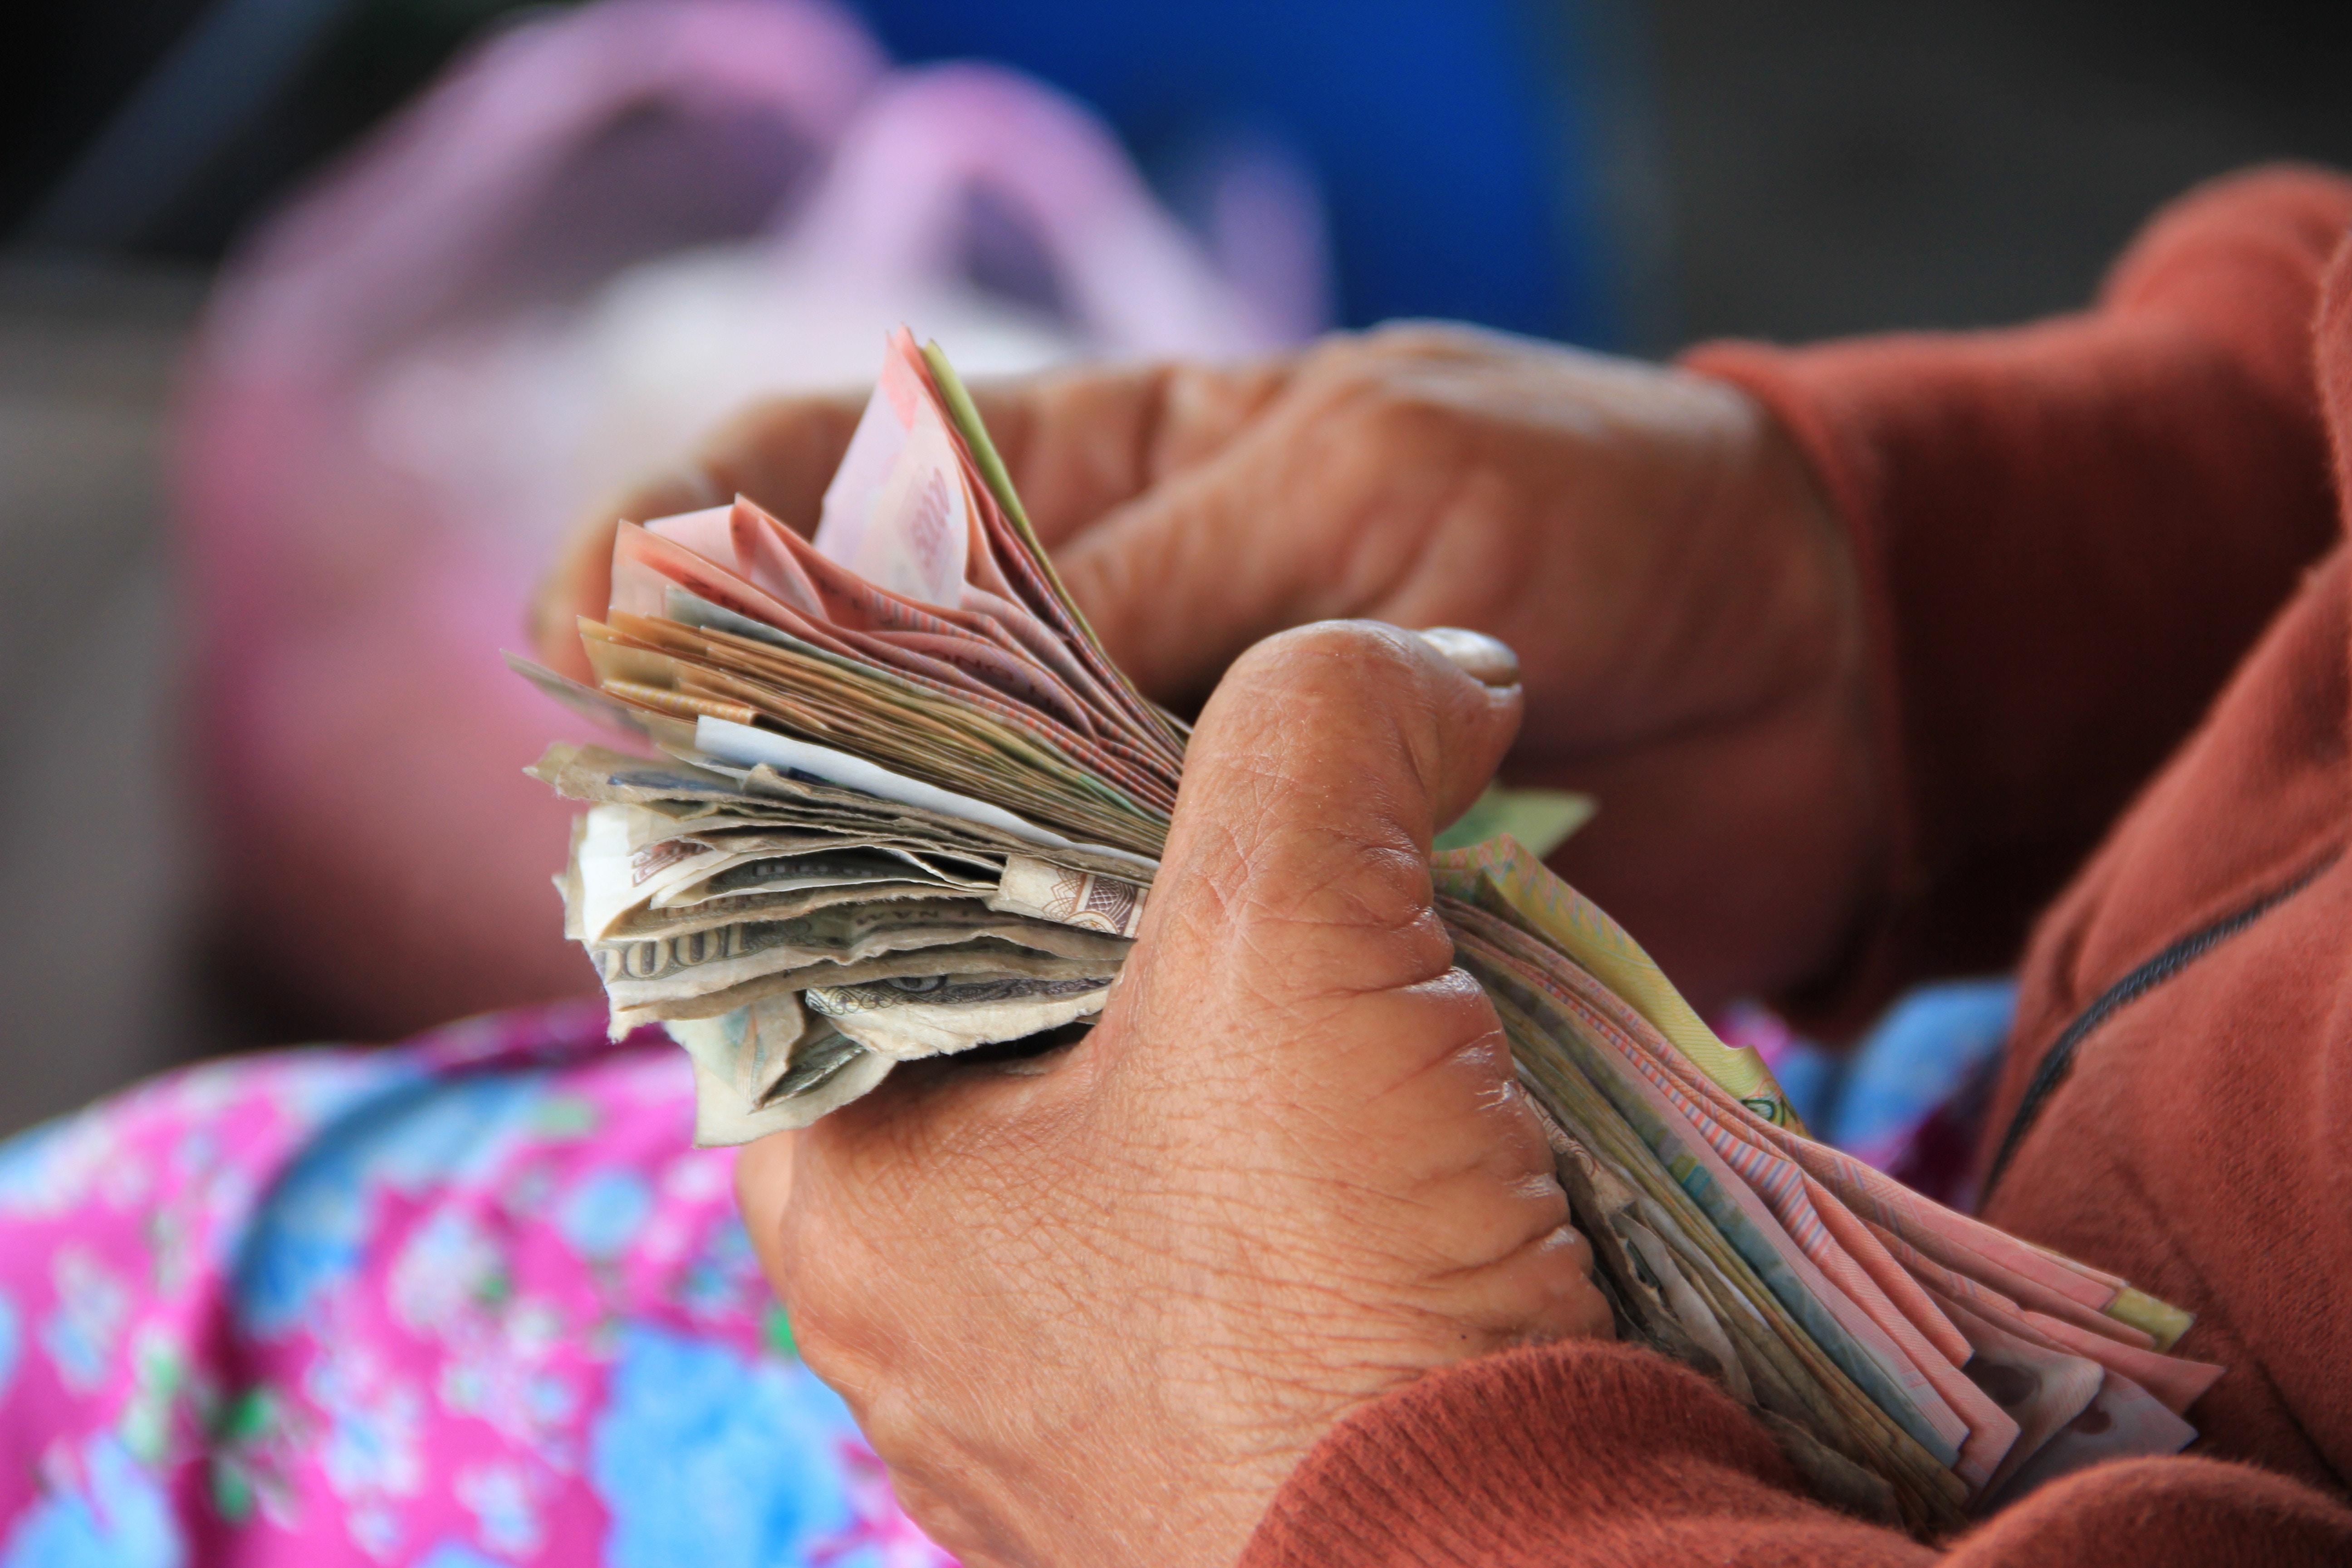 Fines in Tanzania